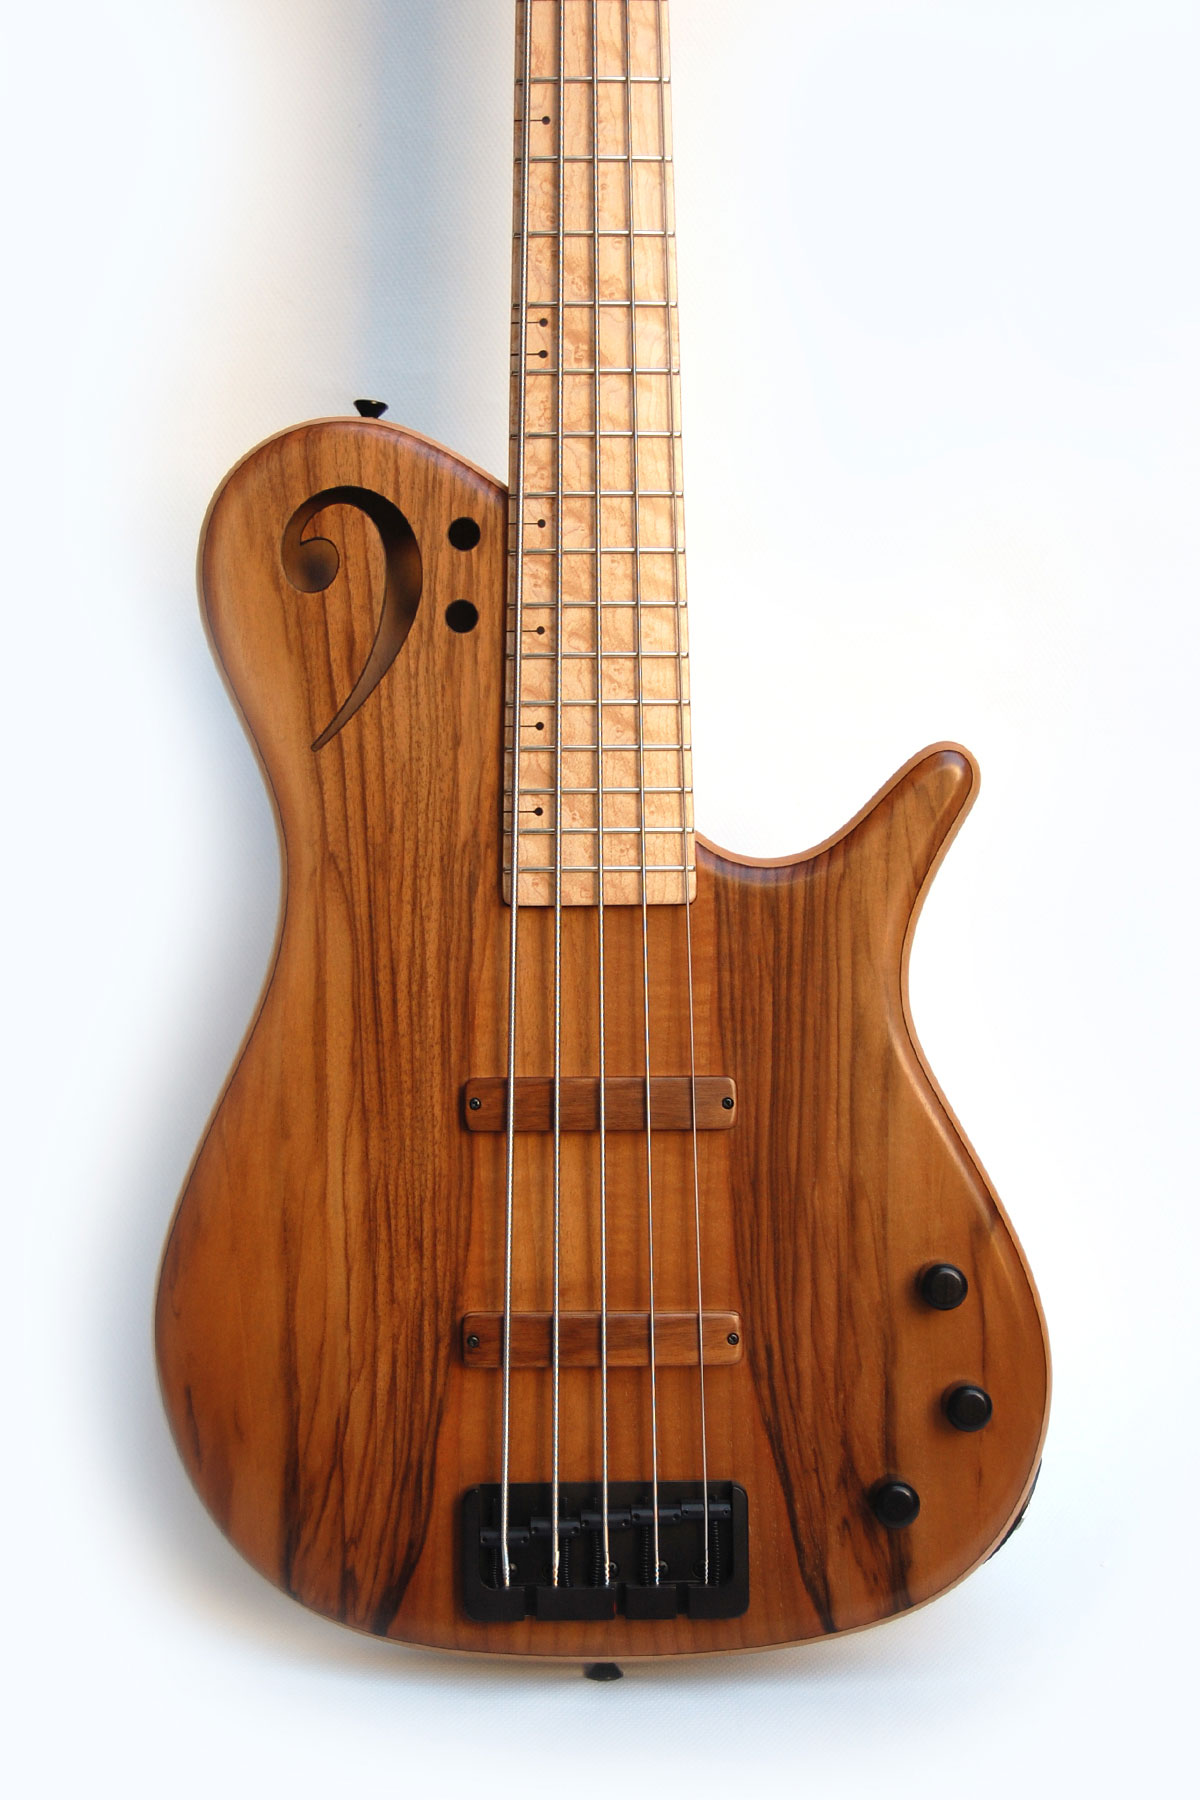 Proxima de sensi 5 strings walnut body maple fretboard